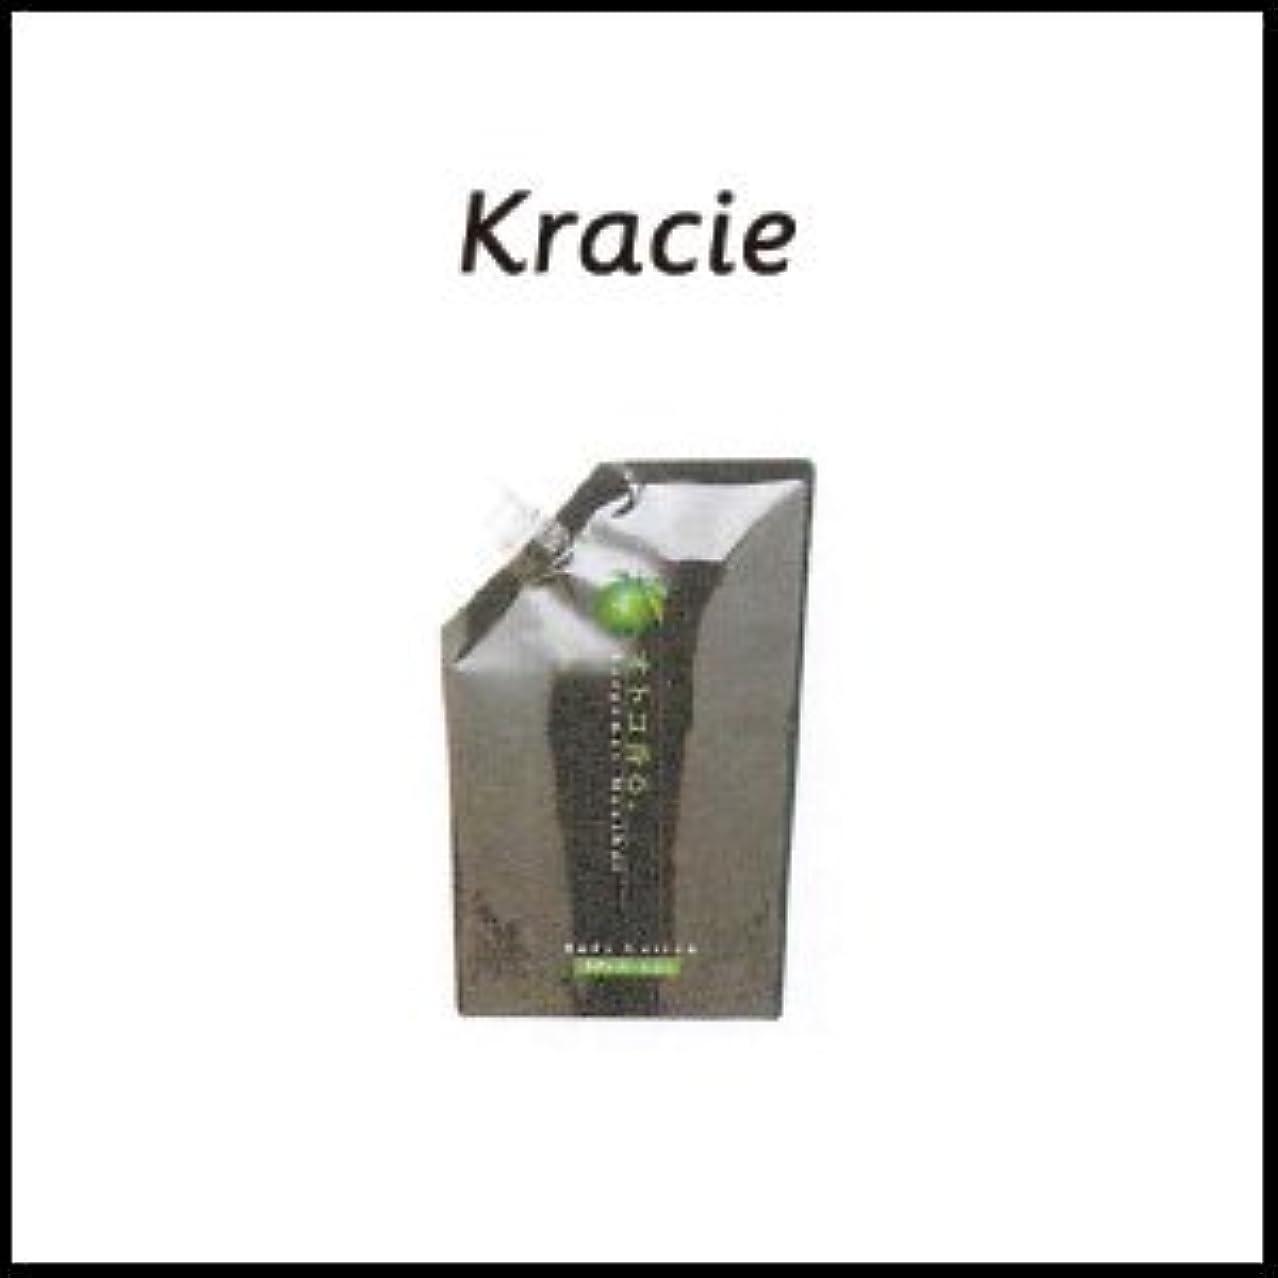 受け皿腰エゴマニアクラシエ オトコ香る ボディローション(ベルガモット) 500ml 詰替え用(レフィル)